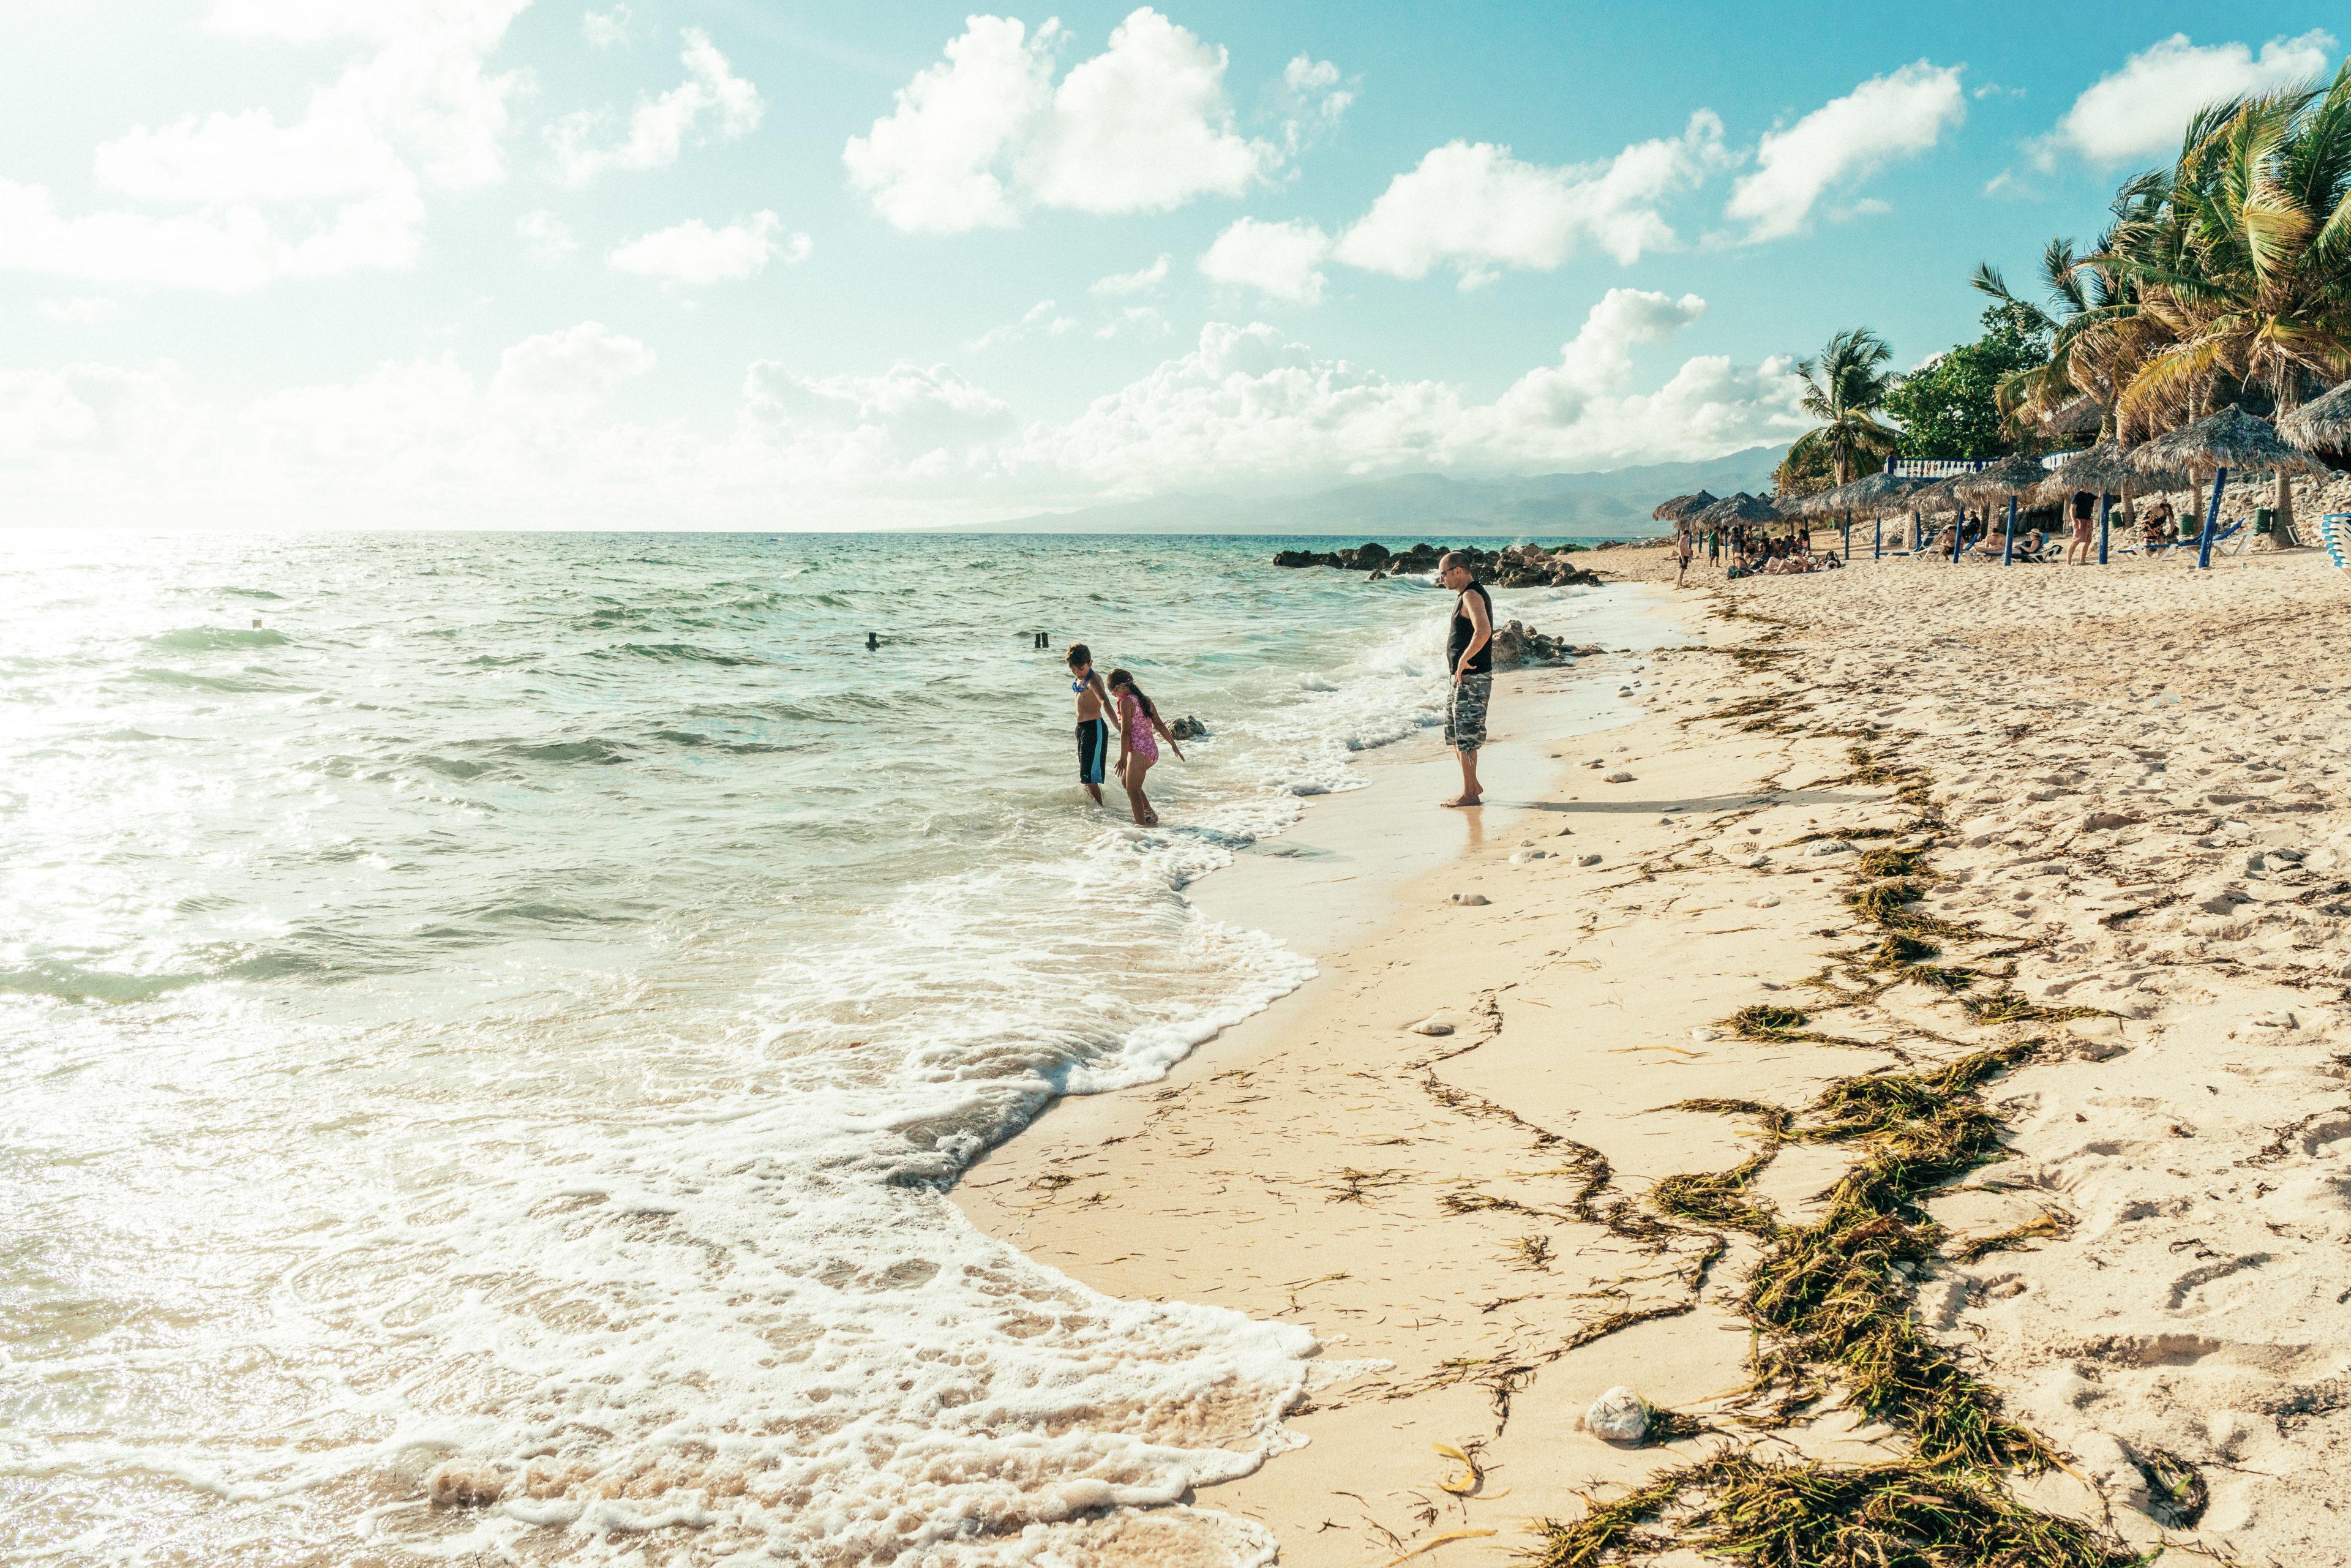 Menschen entspannen an einem weißen Strand in Kuba